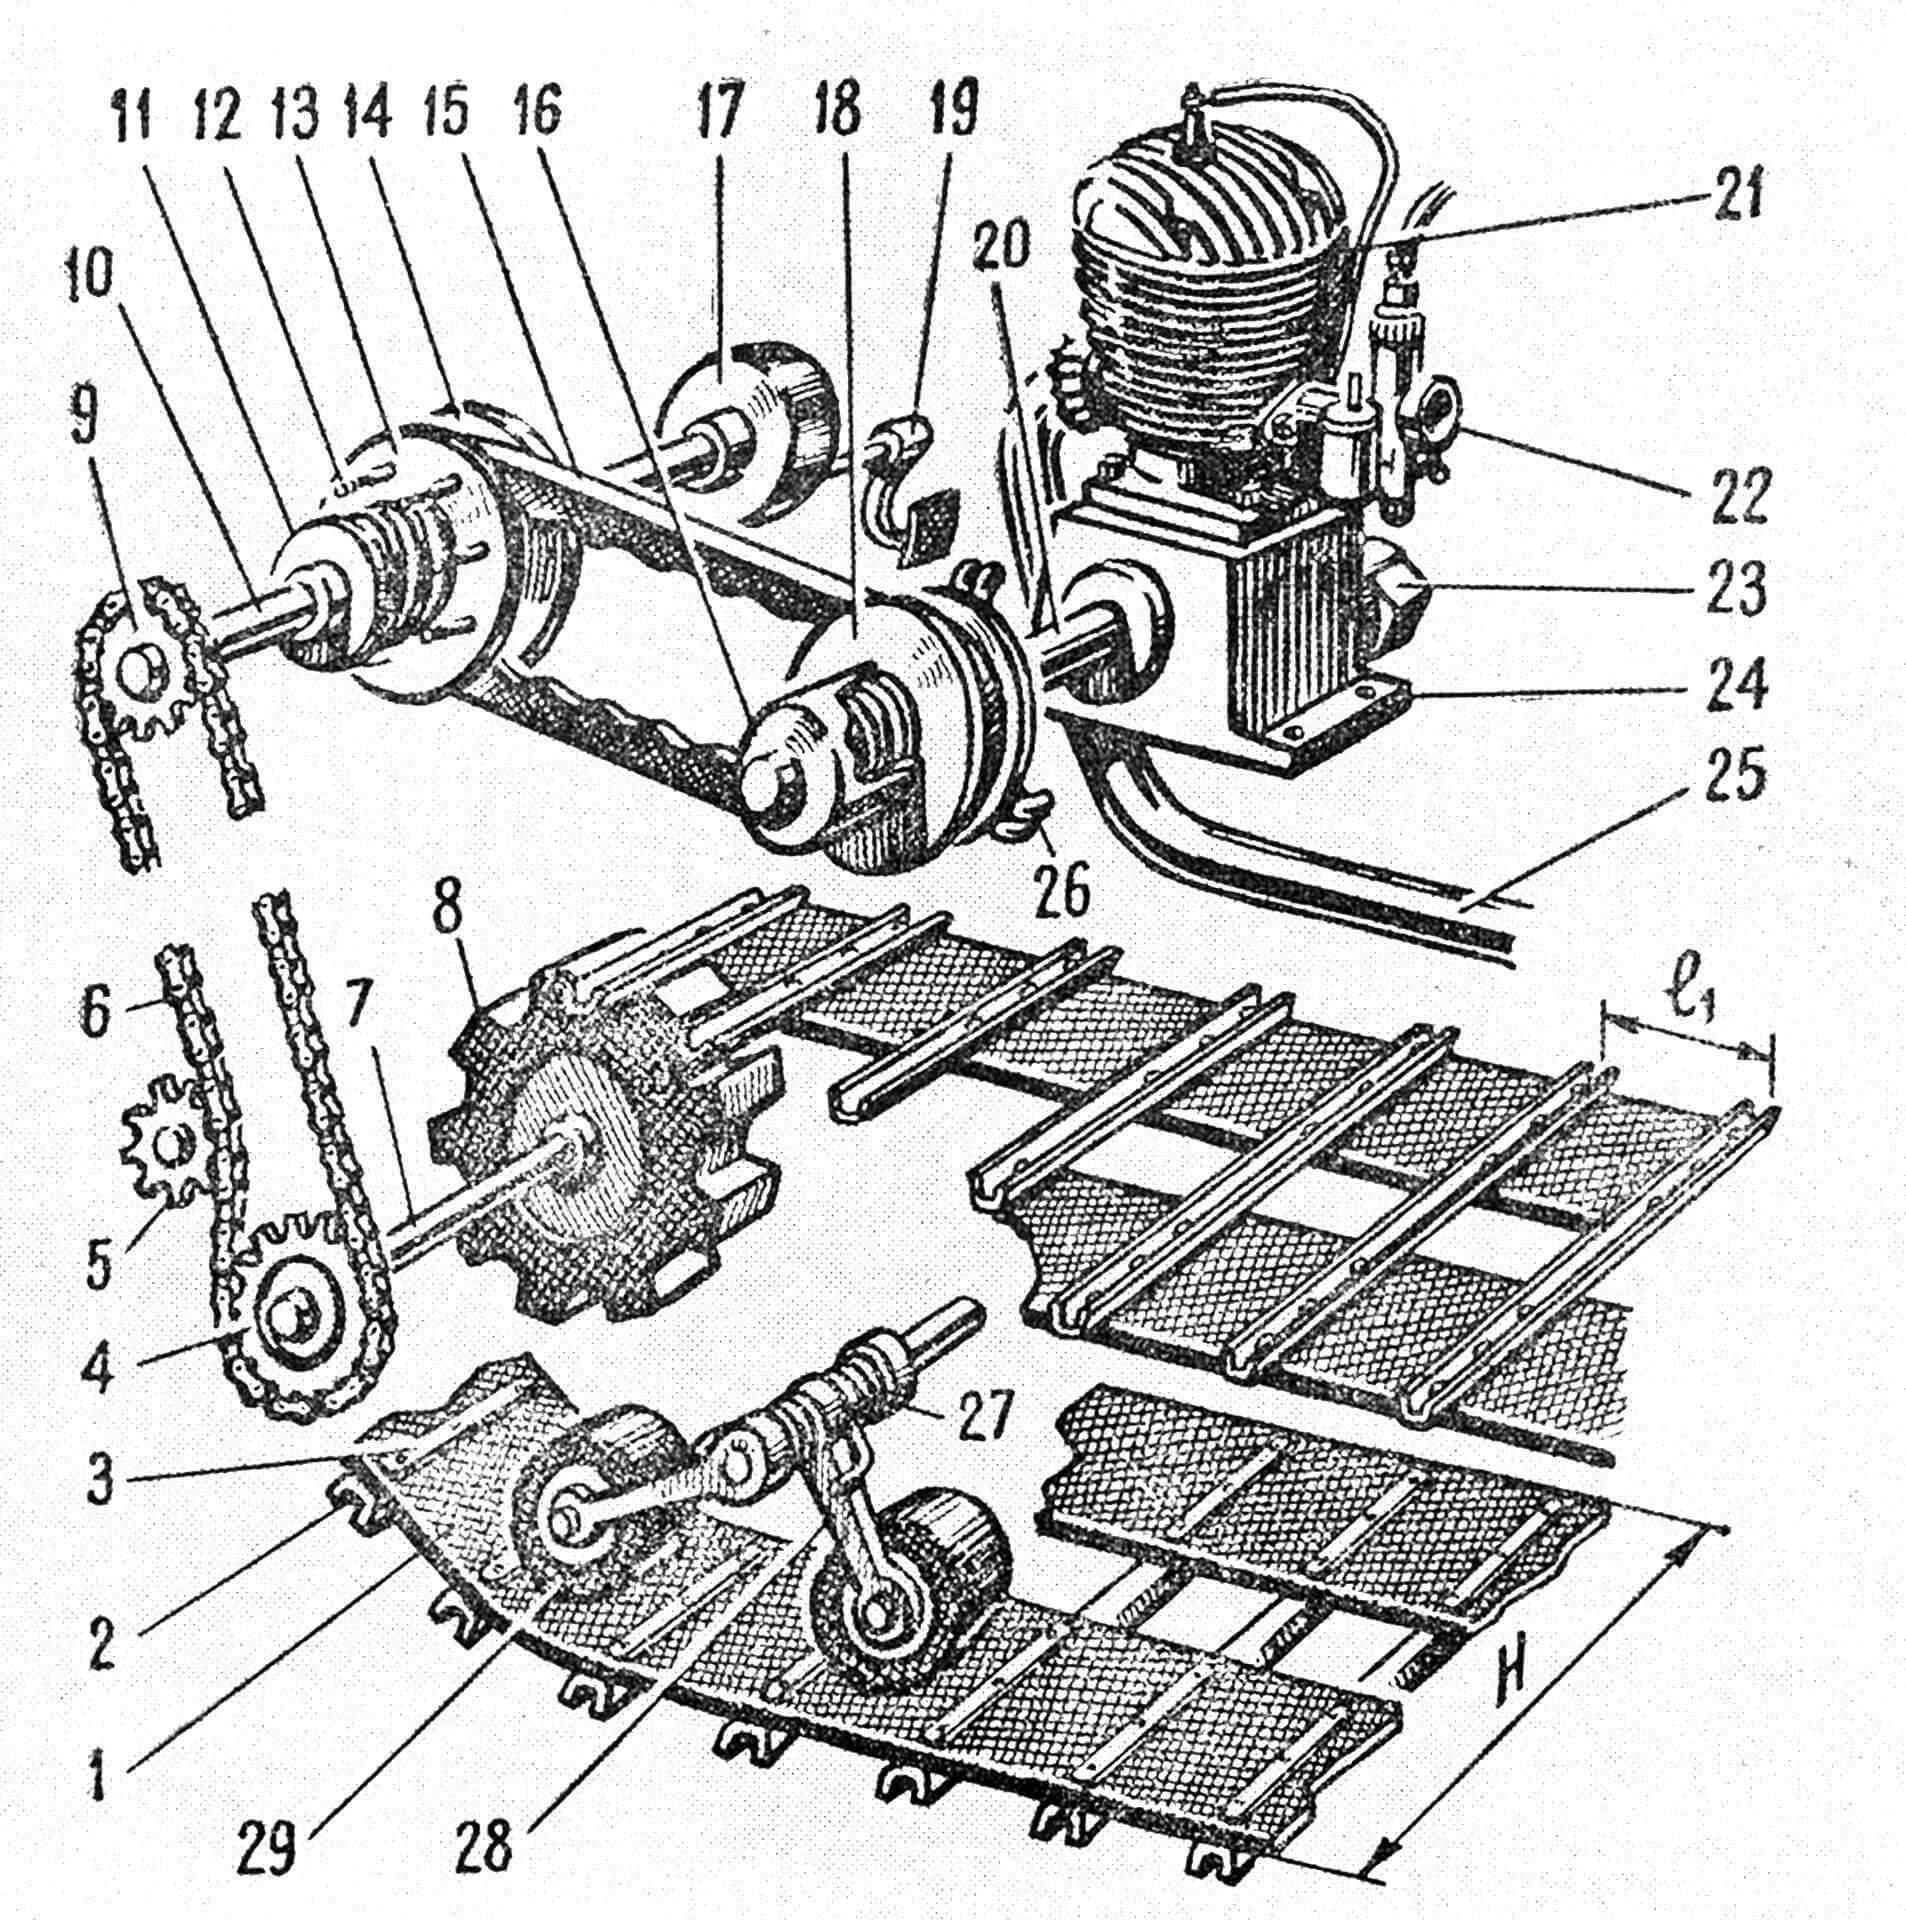 Рис. 1. Схема силовой передачи мотонарт: 1 — лента гусеницы, 2 — снегозацеп, 3 — подкладка на внутренней стороне ленты, 4 — ведомая звездочка цепи бортовой передачи, 5 — паразитная звездочка, 6 — цепь бортовой передачи, 7 — ведущий вал, 8 — ведущее колесо гусеницы, 9 — ведущая звездочка бортовой передачи, 10 — ведомый вал вариатора, 11 — опора пружины ведомого шкива, 12 — направляющий штырь, 13 — подвижный диск ведомого шкива, 14— неподвижный диск вариатора, 15 — клиновидный ремень, 16 — ведущий шкив вариатора, 17 — барабан колодочного тормоза, 18 — подвижный диск ведущего шкива вариатора, 19 — педаль тормоза, 20 — вал двигателя, 21 — двигатель, 22 — карбюратор, 23 — магнето, 24 — картер двигателя, 25 — выхлопной трубопровод двигателя, 26 — грузики автоматической регулировки, 27 — пружина подвижных кронштейнов катков, 28 — подвижные кронштейны, 29 — каток.